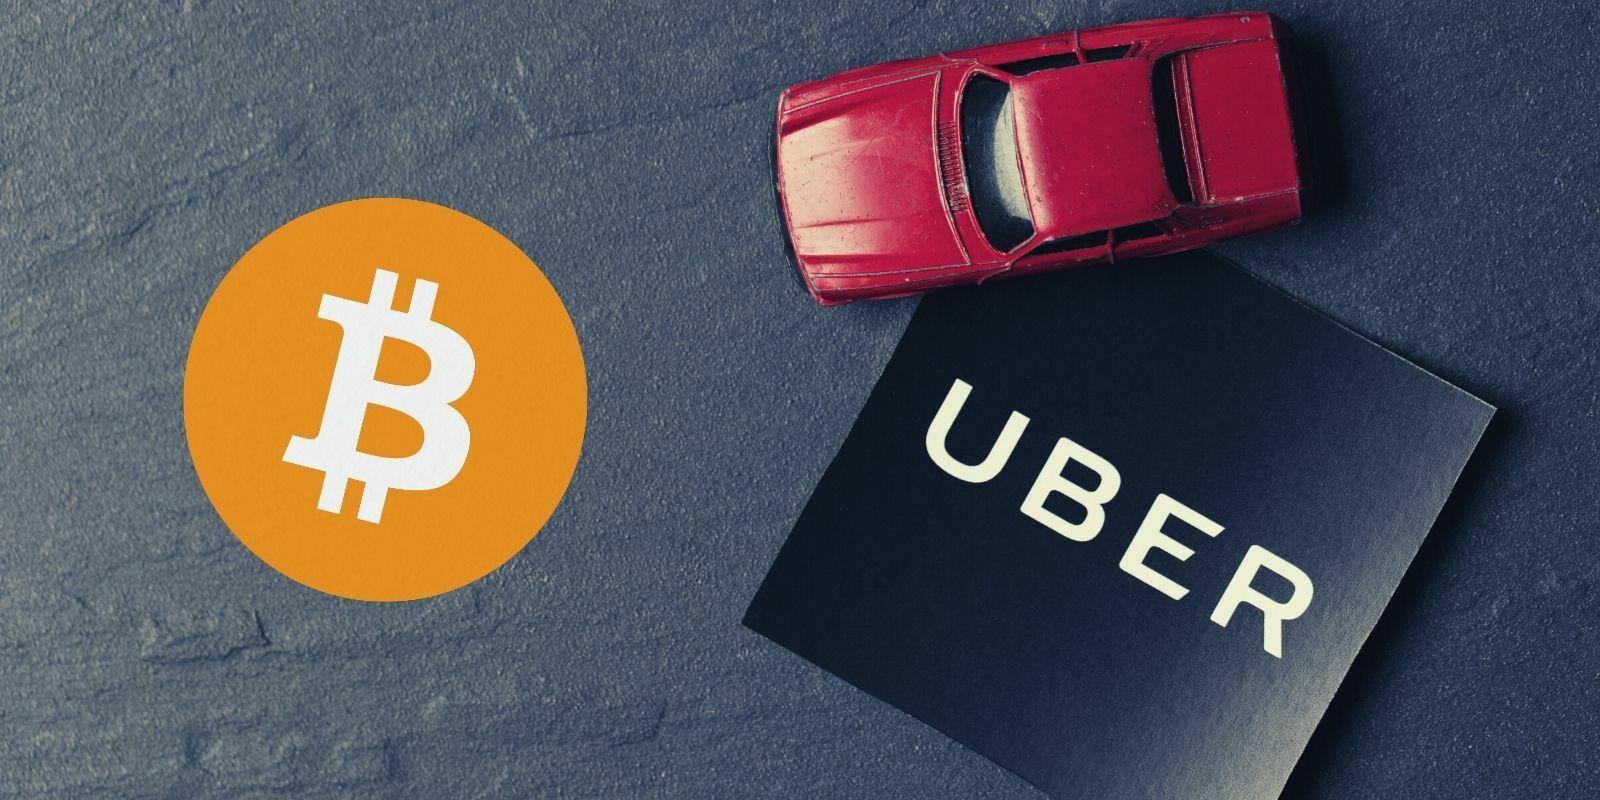 Uber pourrait bientôt accepter le Bitcoin (BTC), selon son PDG